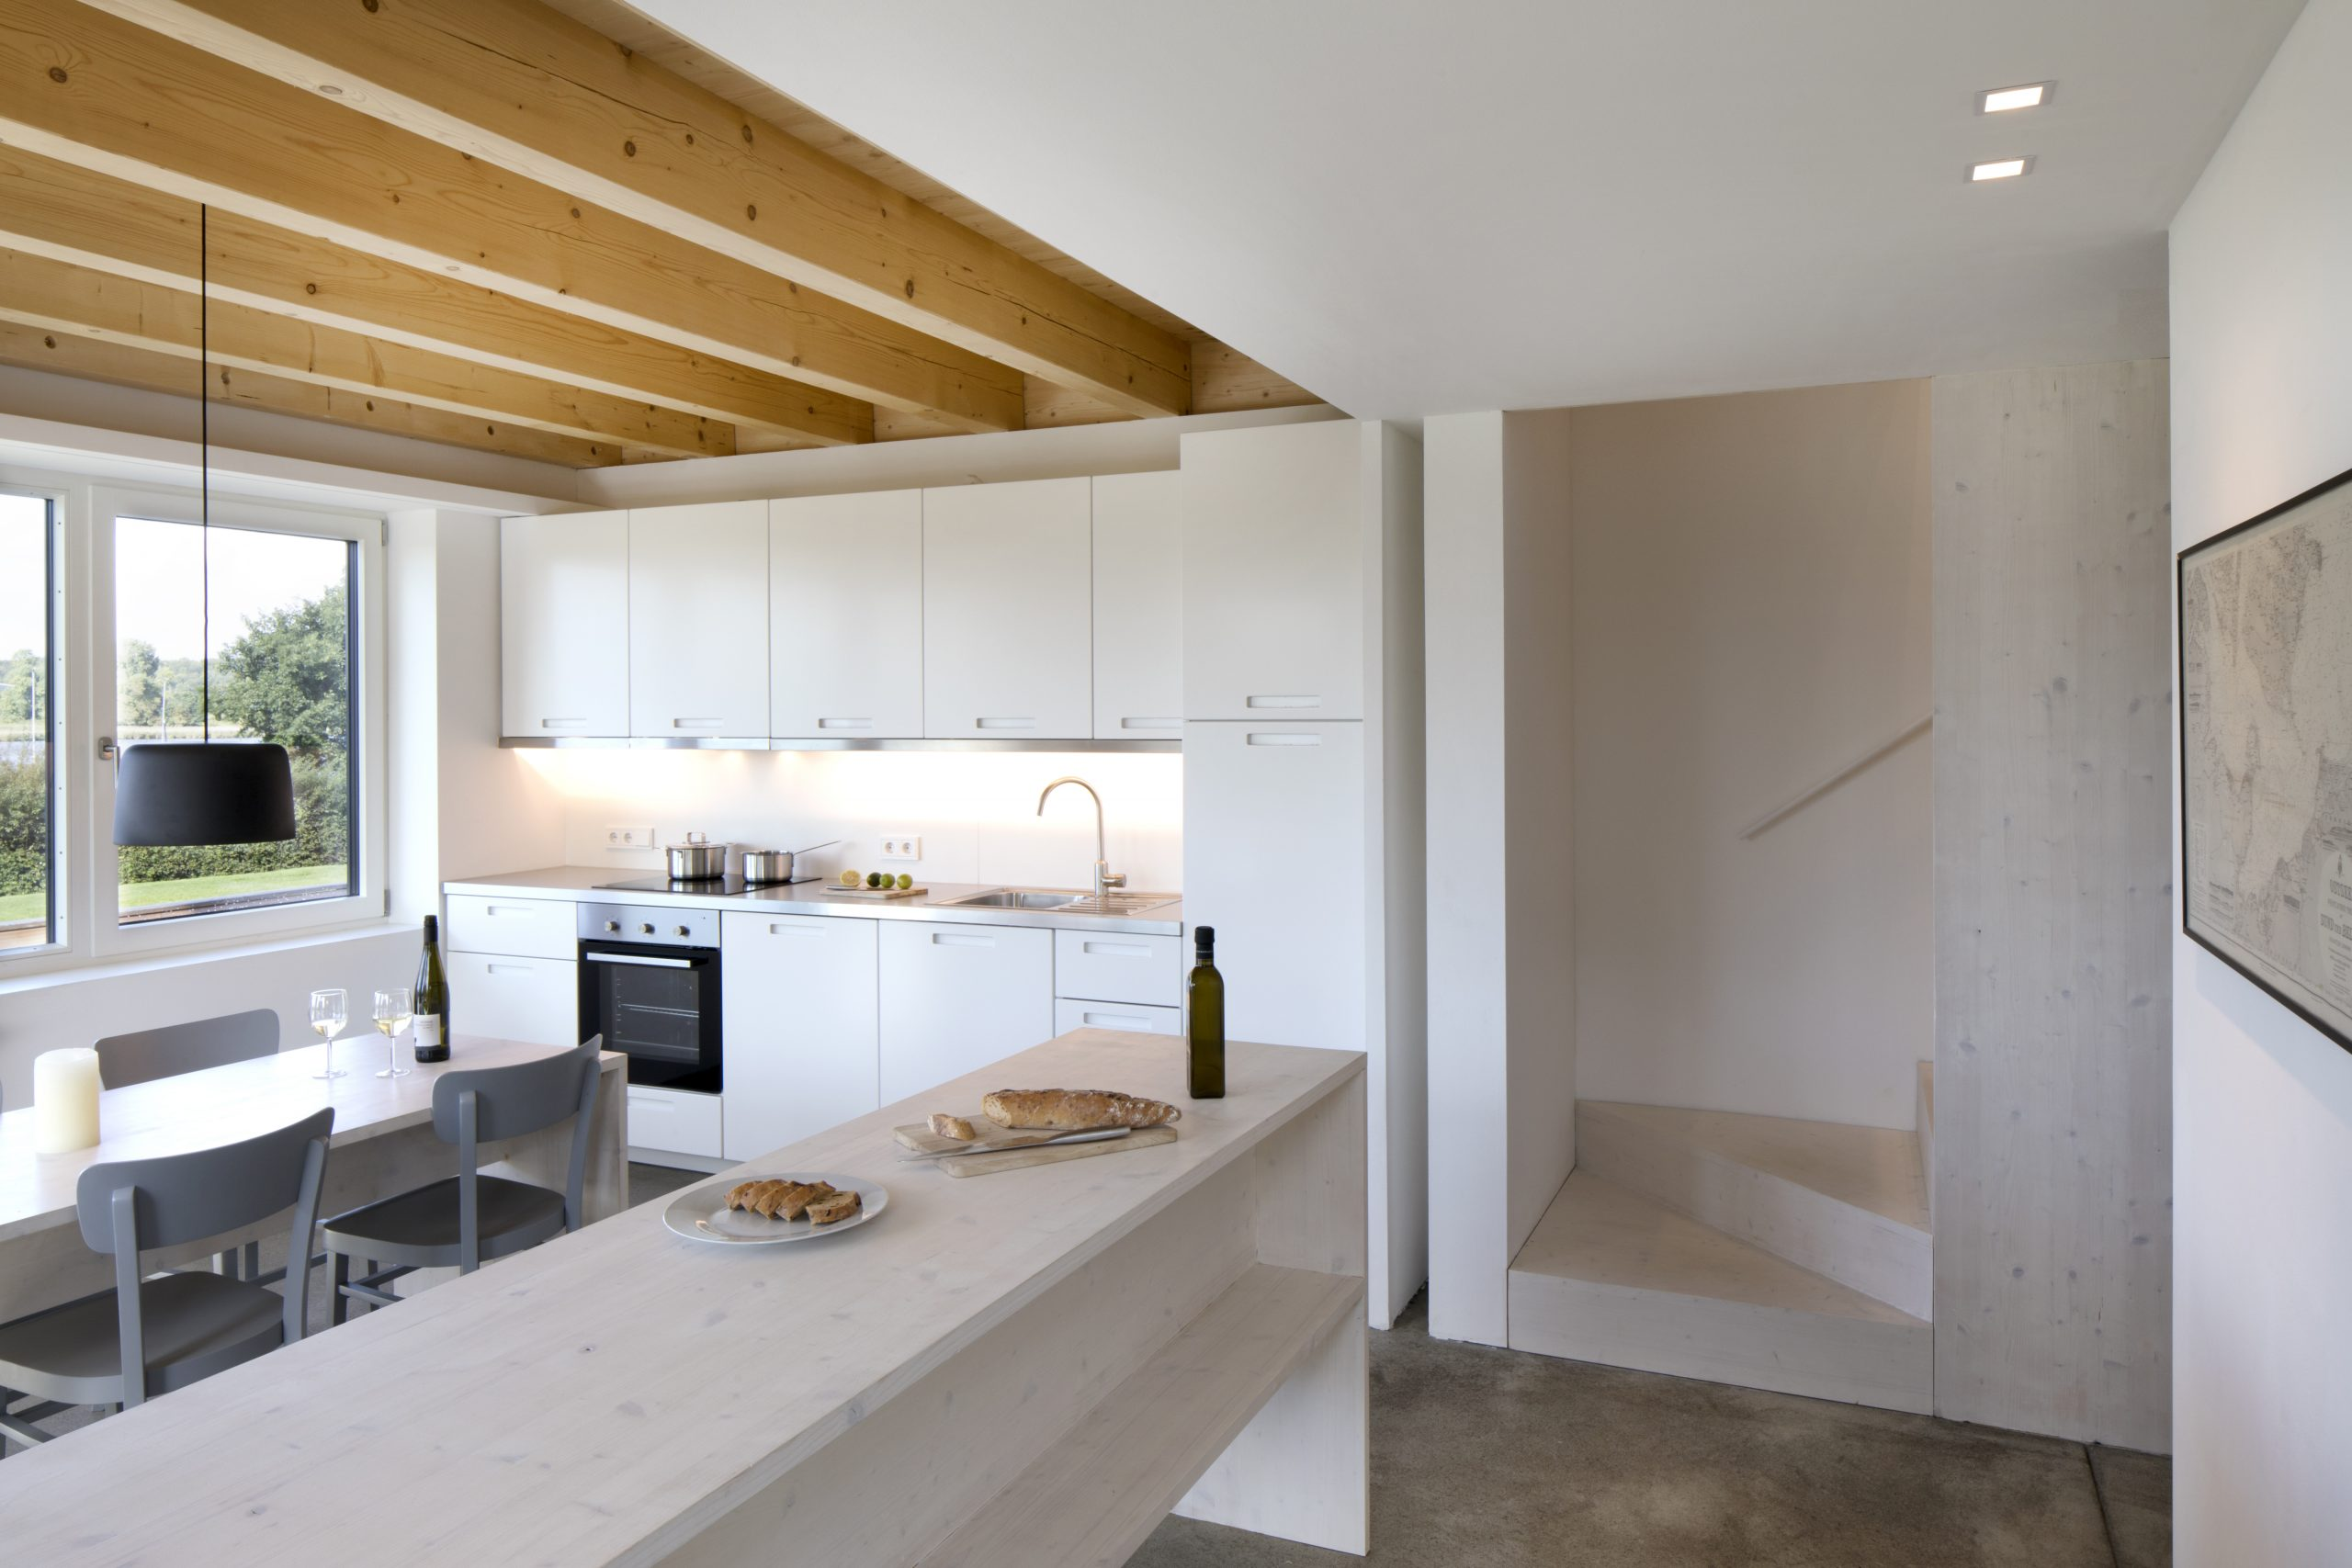 fjordhaus_kappeln_8273